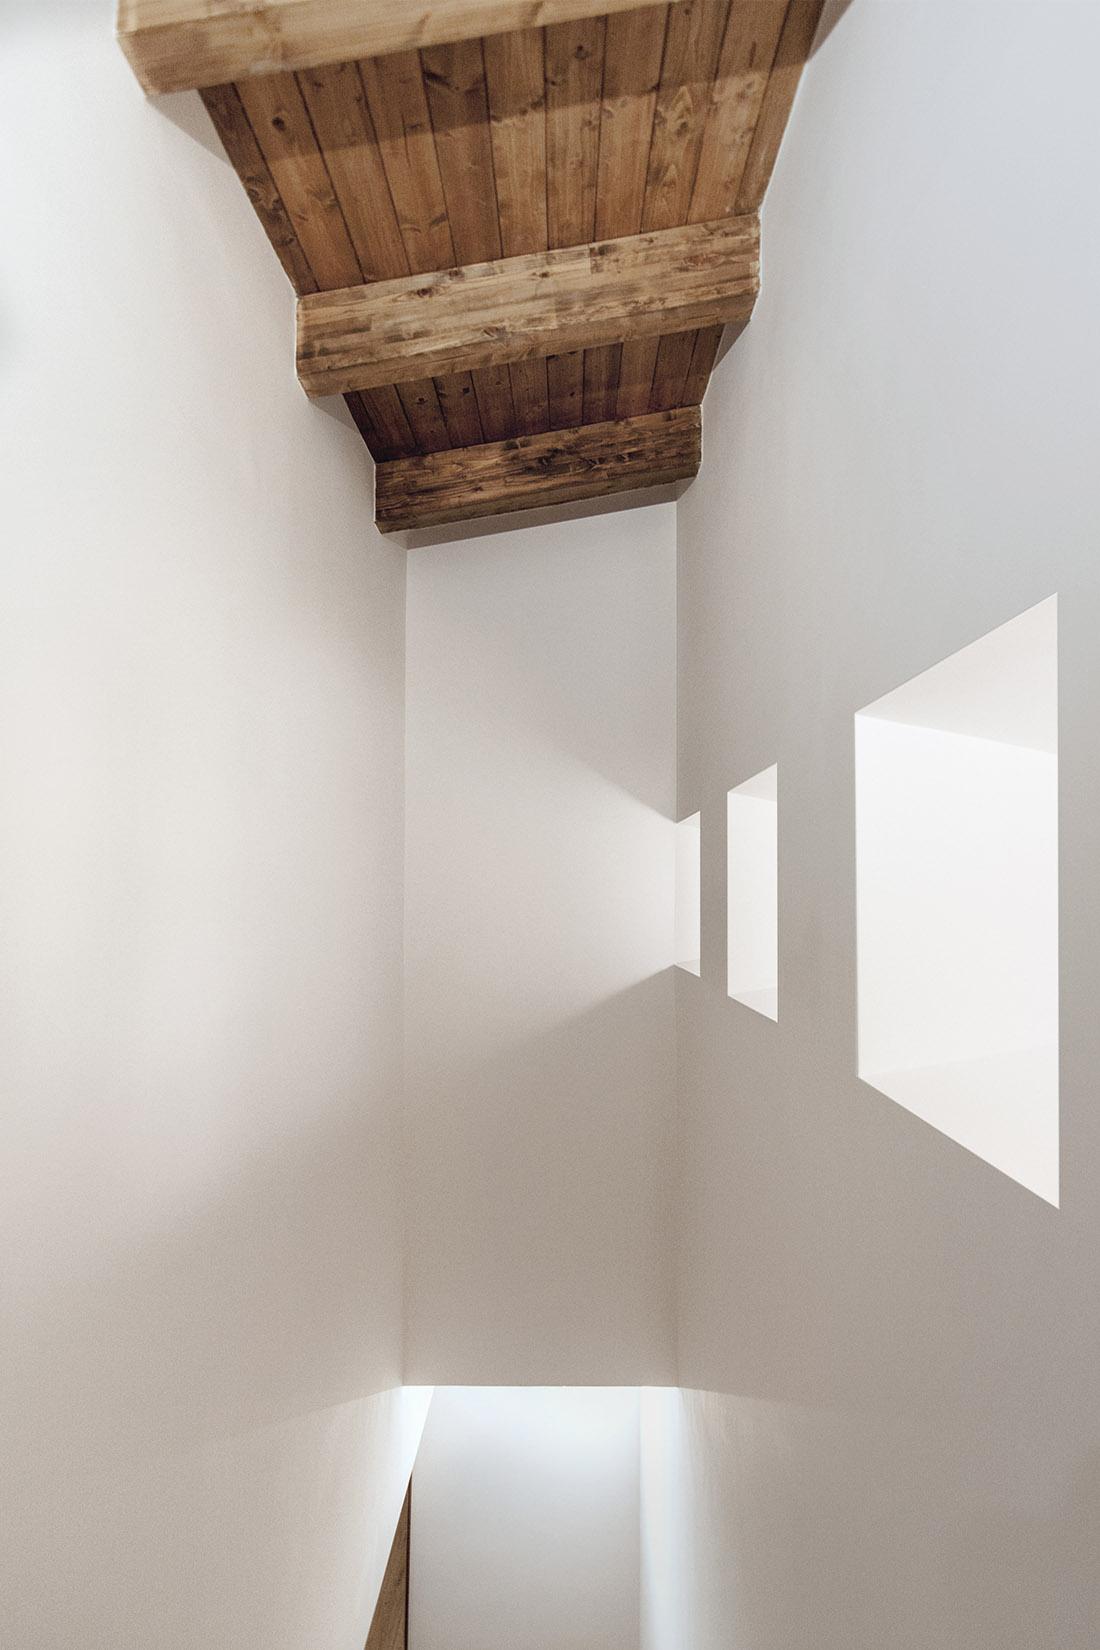 casa-tao-napoli-tufo-a-vista-recupero-moderno-pucciarelli-architetti-dettaglio